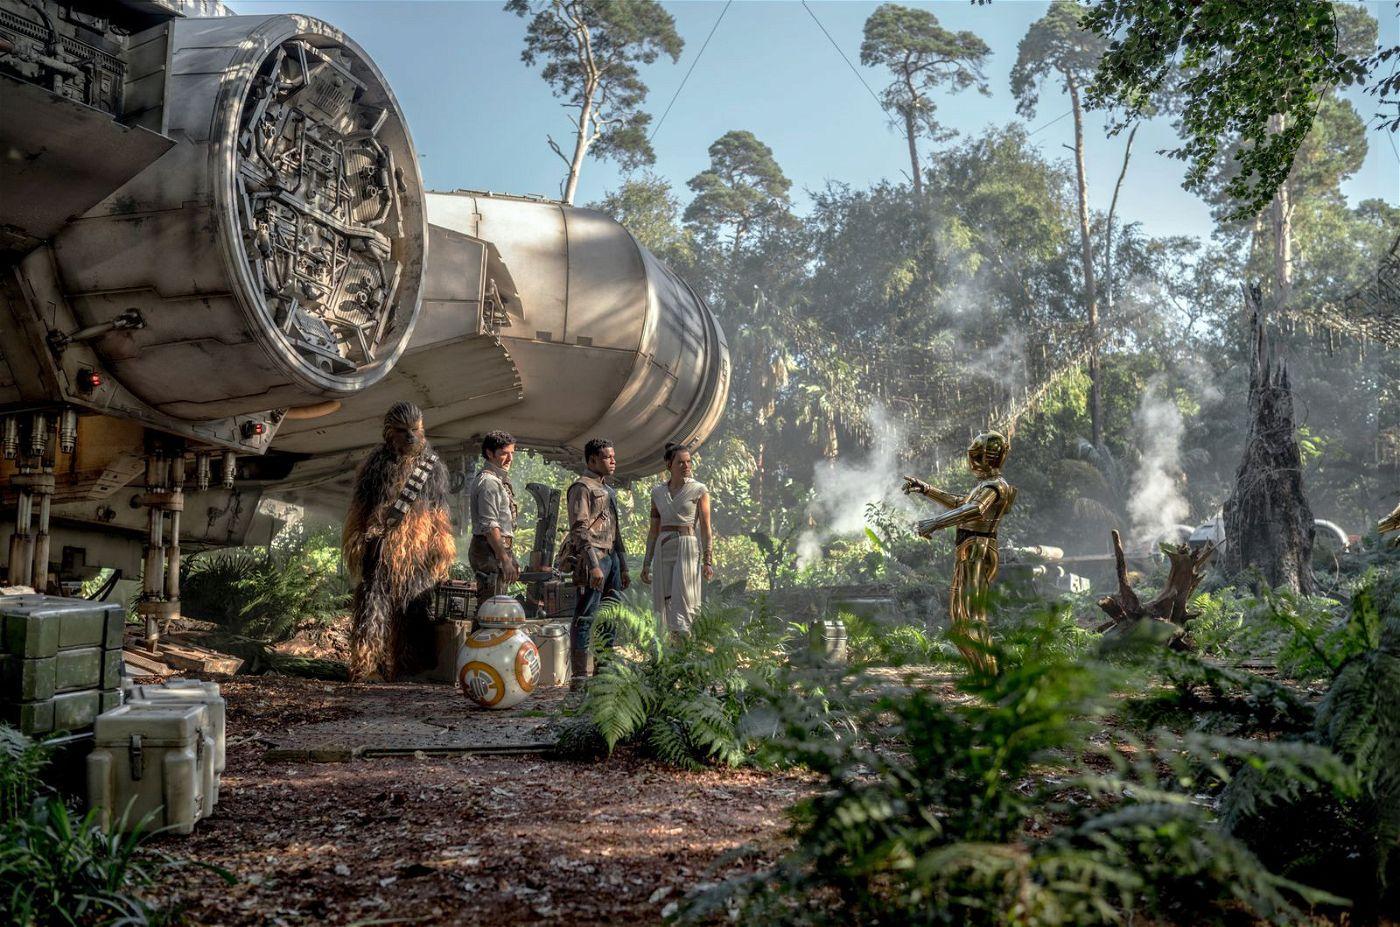 Von links: Chewbacca (Joonas Suotamo), Poe (Oscar Isaac), Finn (John Boyega), Rey (Daisy Ridley) und C-3PO (Anthony Daniels) machen sich bereit fürs entscheidende Gefecht.